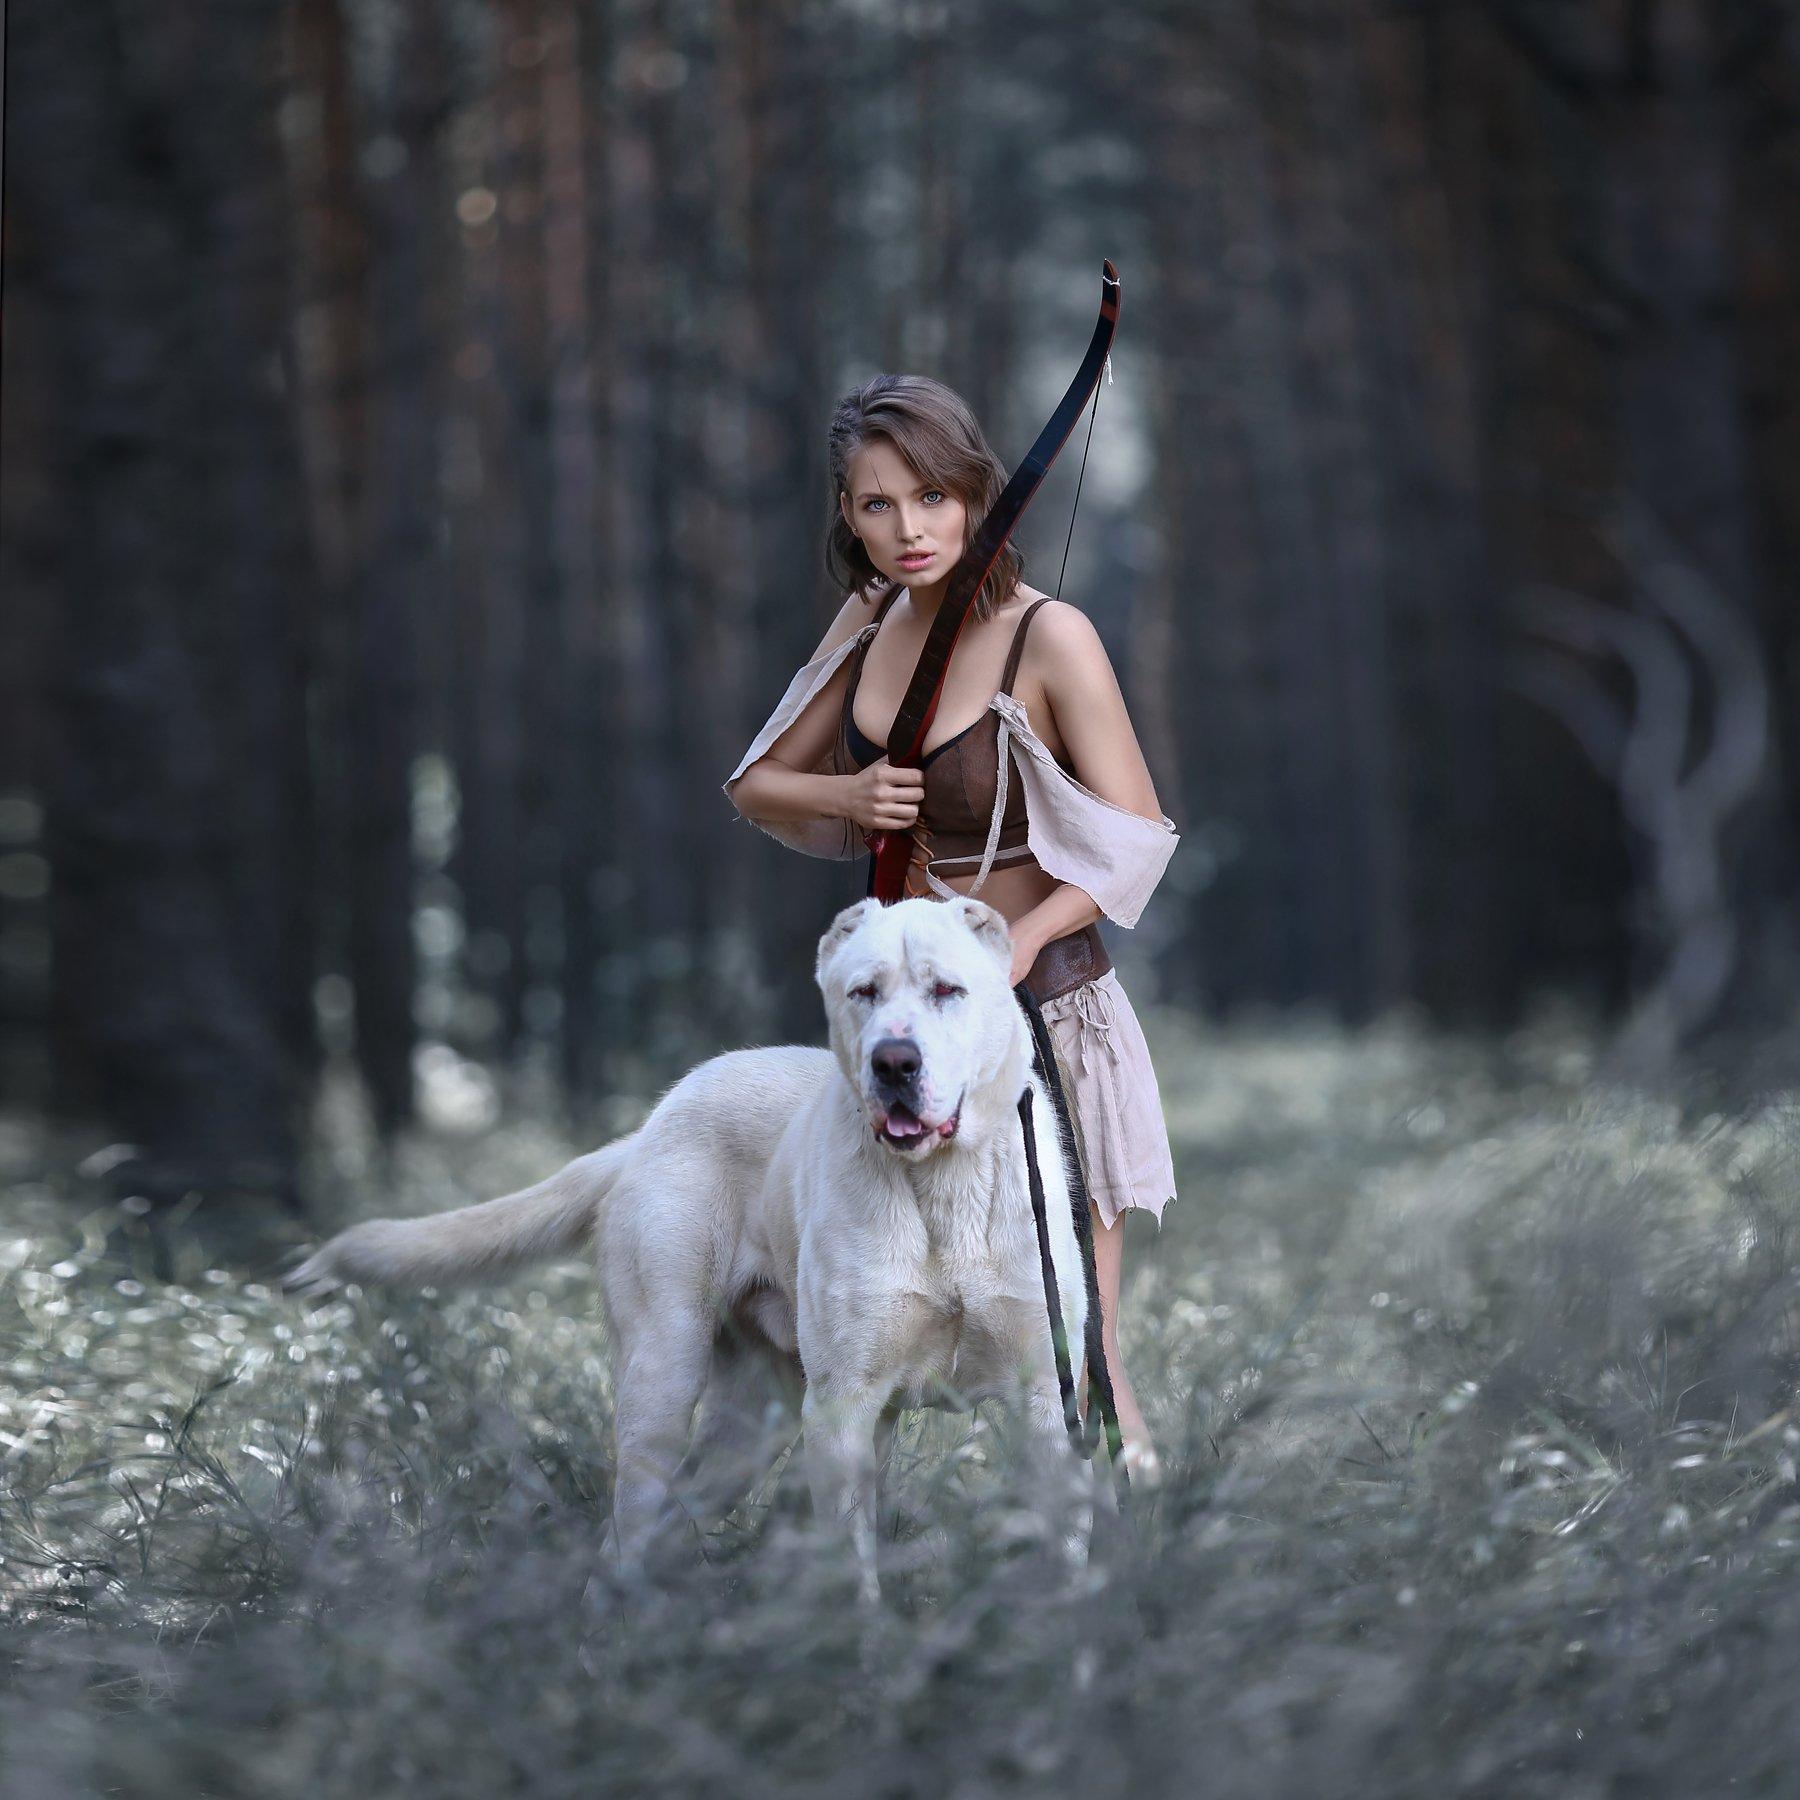 амазонка, алабай, белый алабай, лук, стрельба из лука, охотница, стреляет из лука, сосновый лес, Голубятникова Ирина